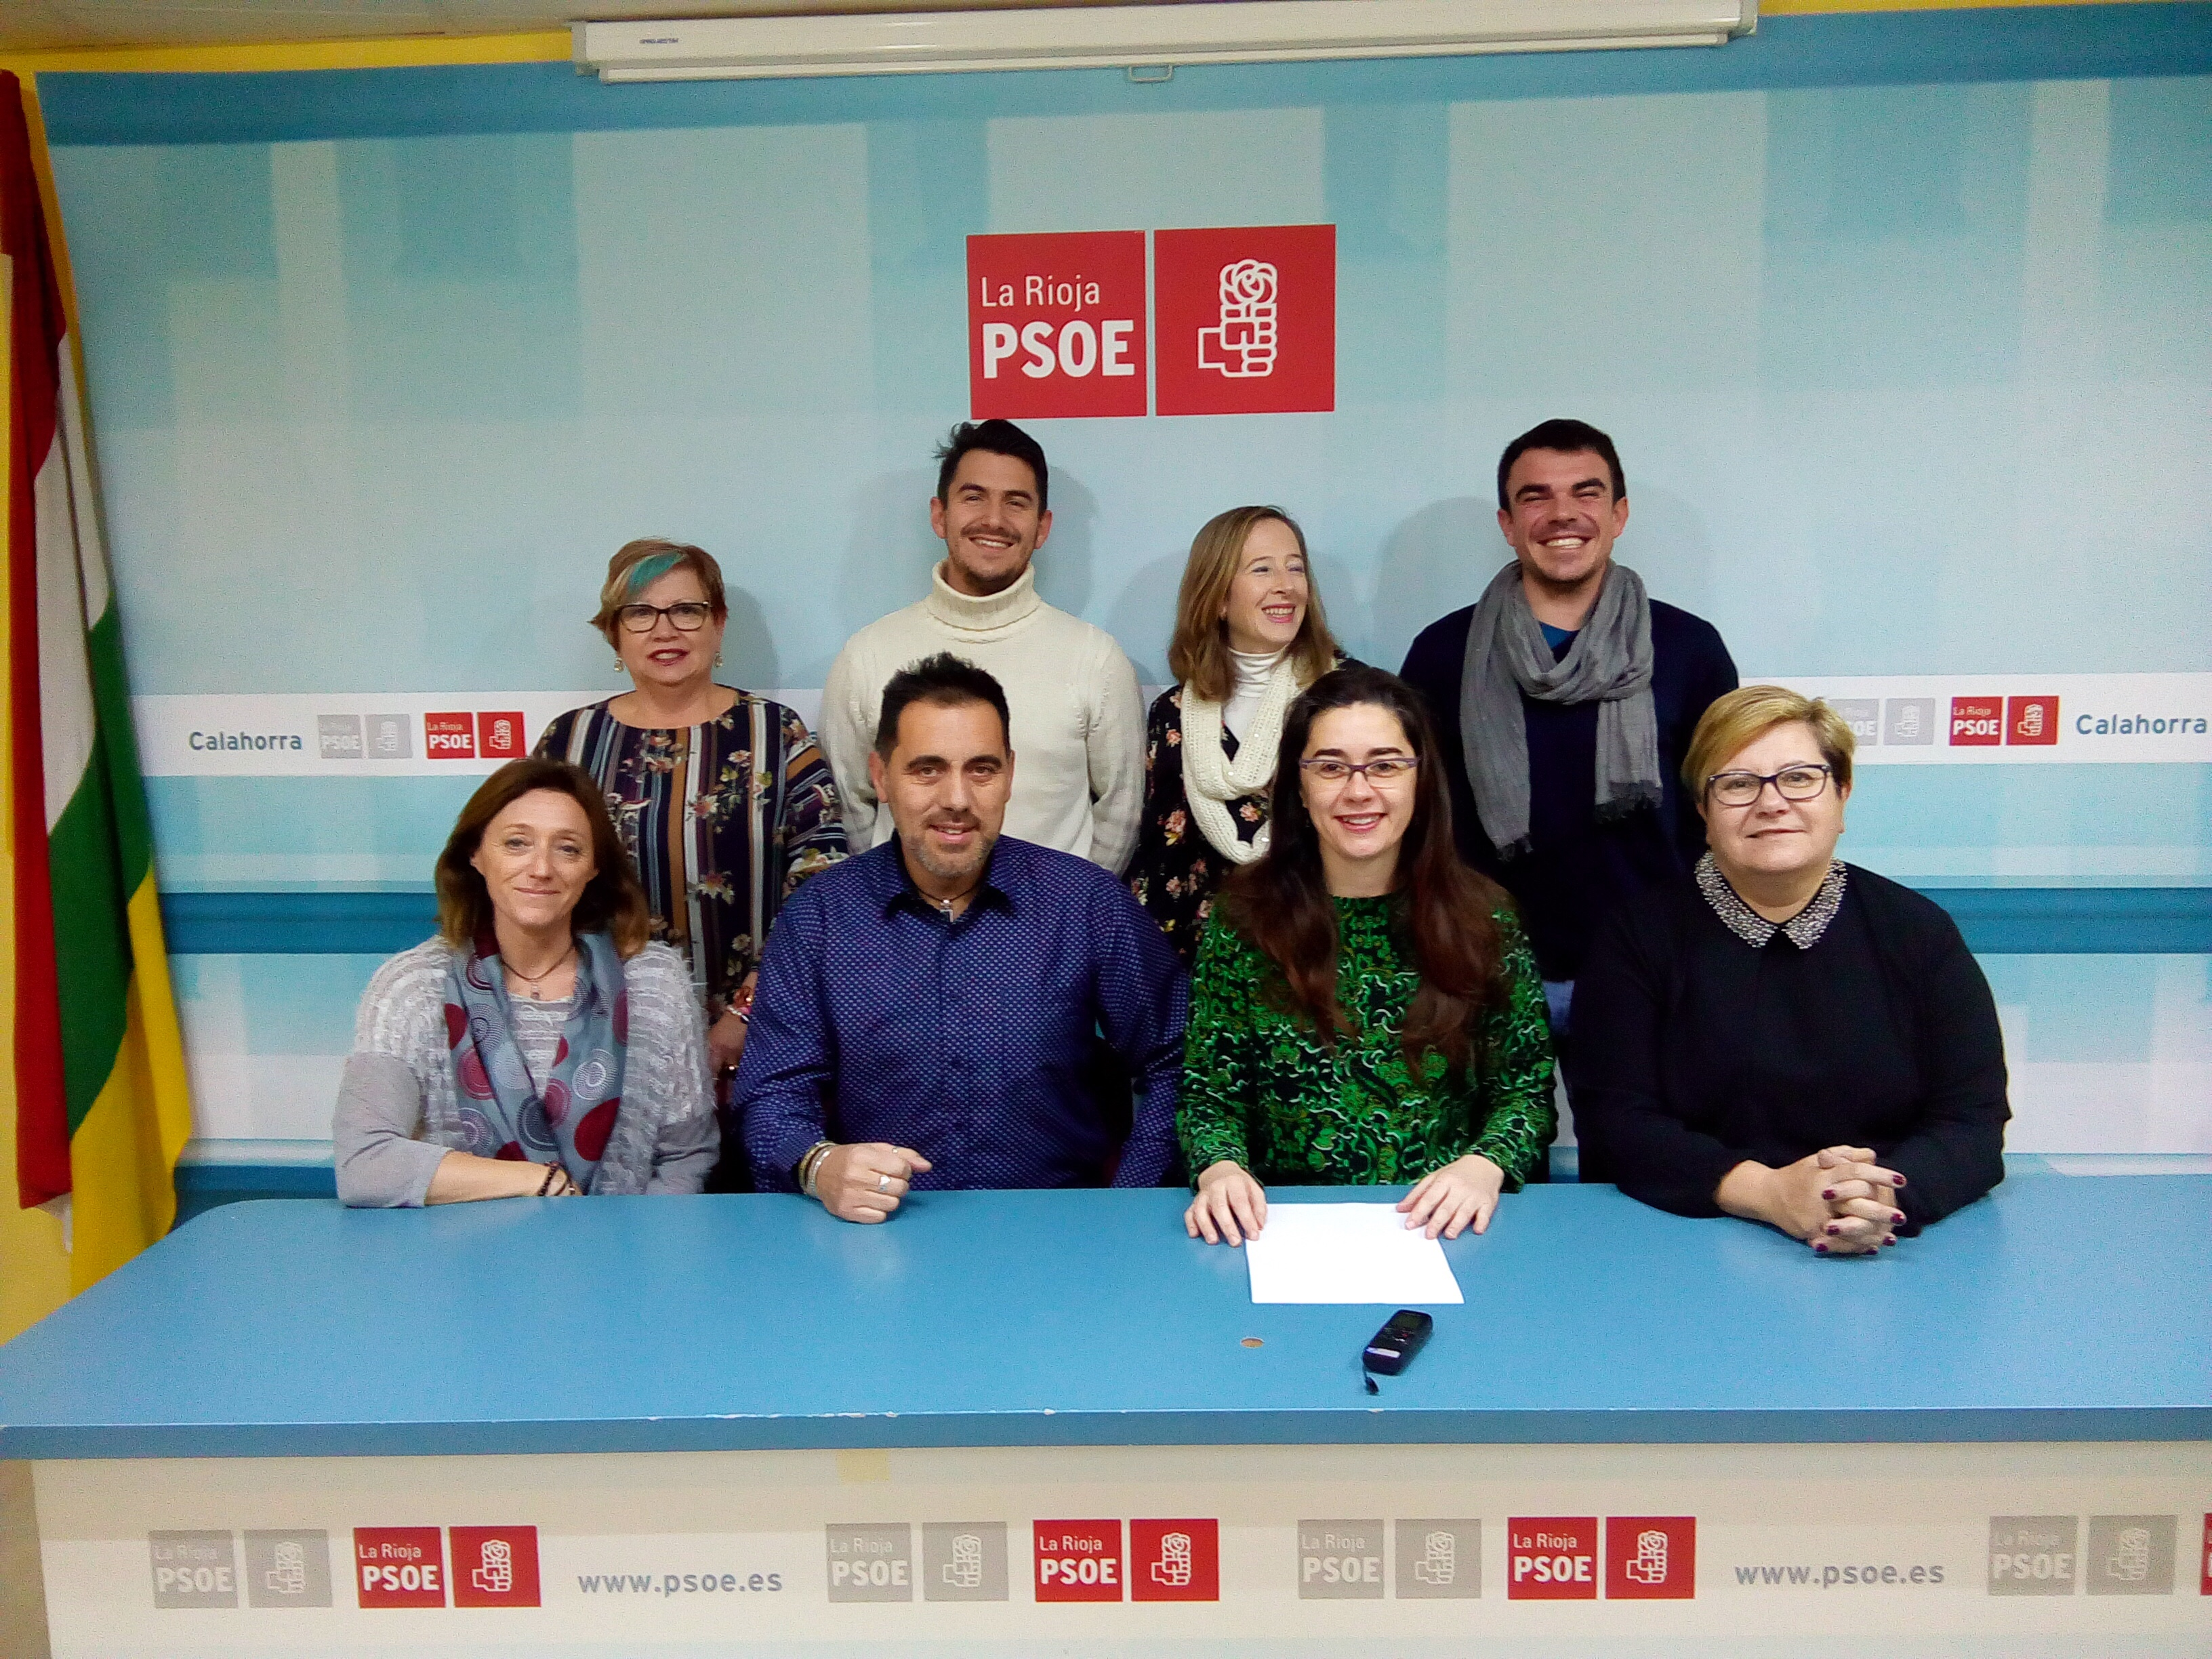 Photo of El PSOE se vuelve a quedar solo en su negativa a los presupuestos de Calahorra.